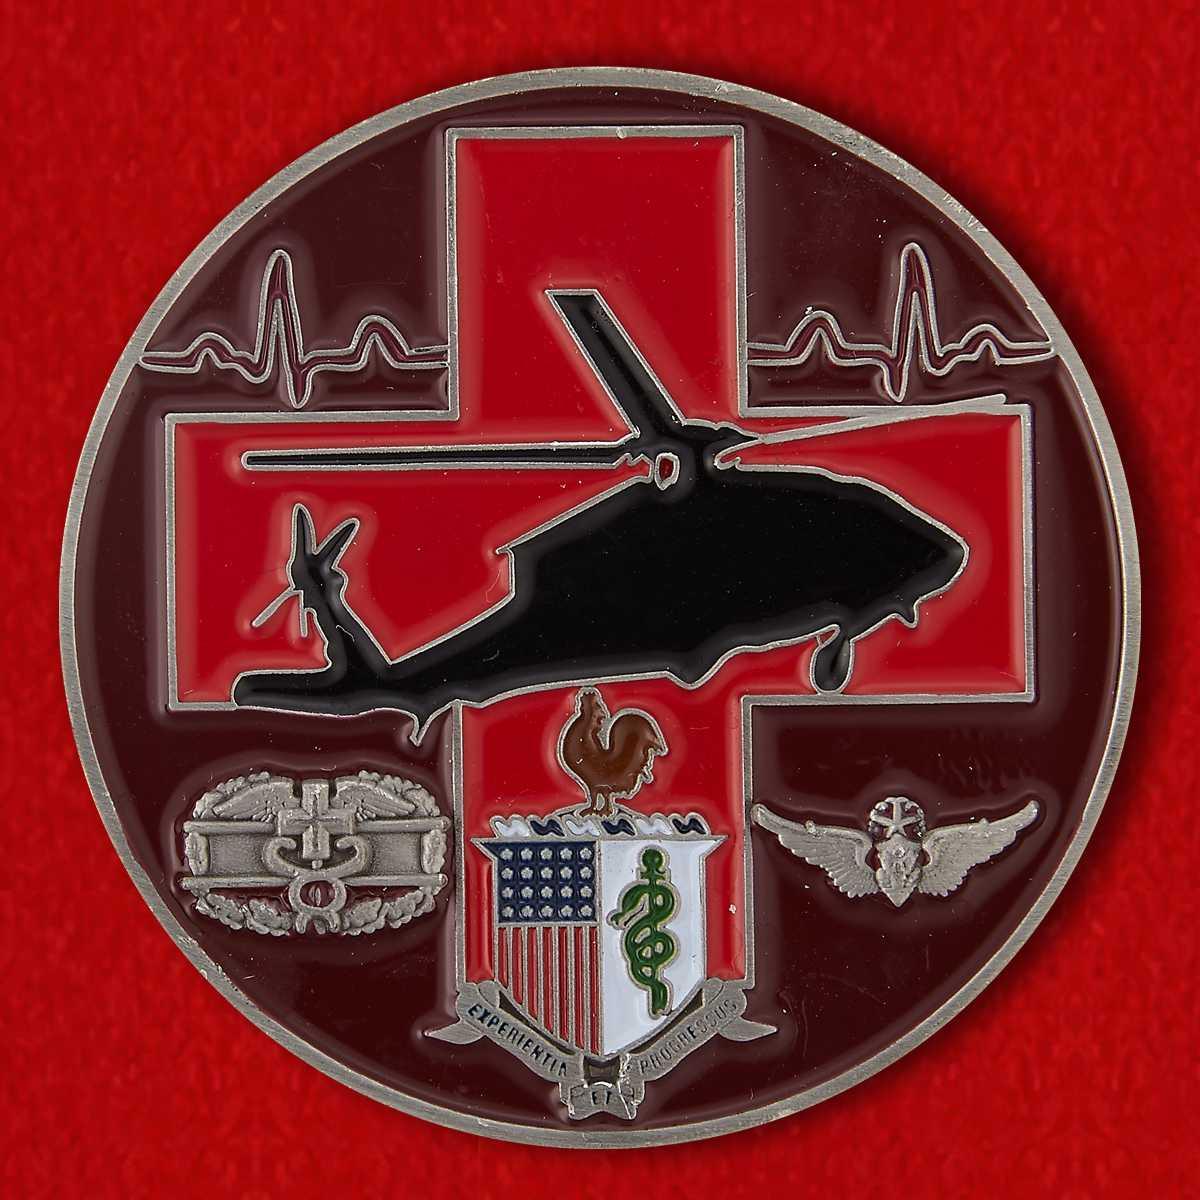 Челлендж коин медицинской программы неотложной интенсивной терапии и реанимации Объединенной базы Форт Сэм ВС США